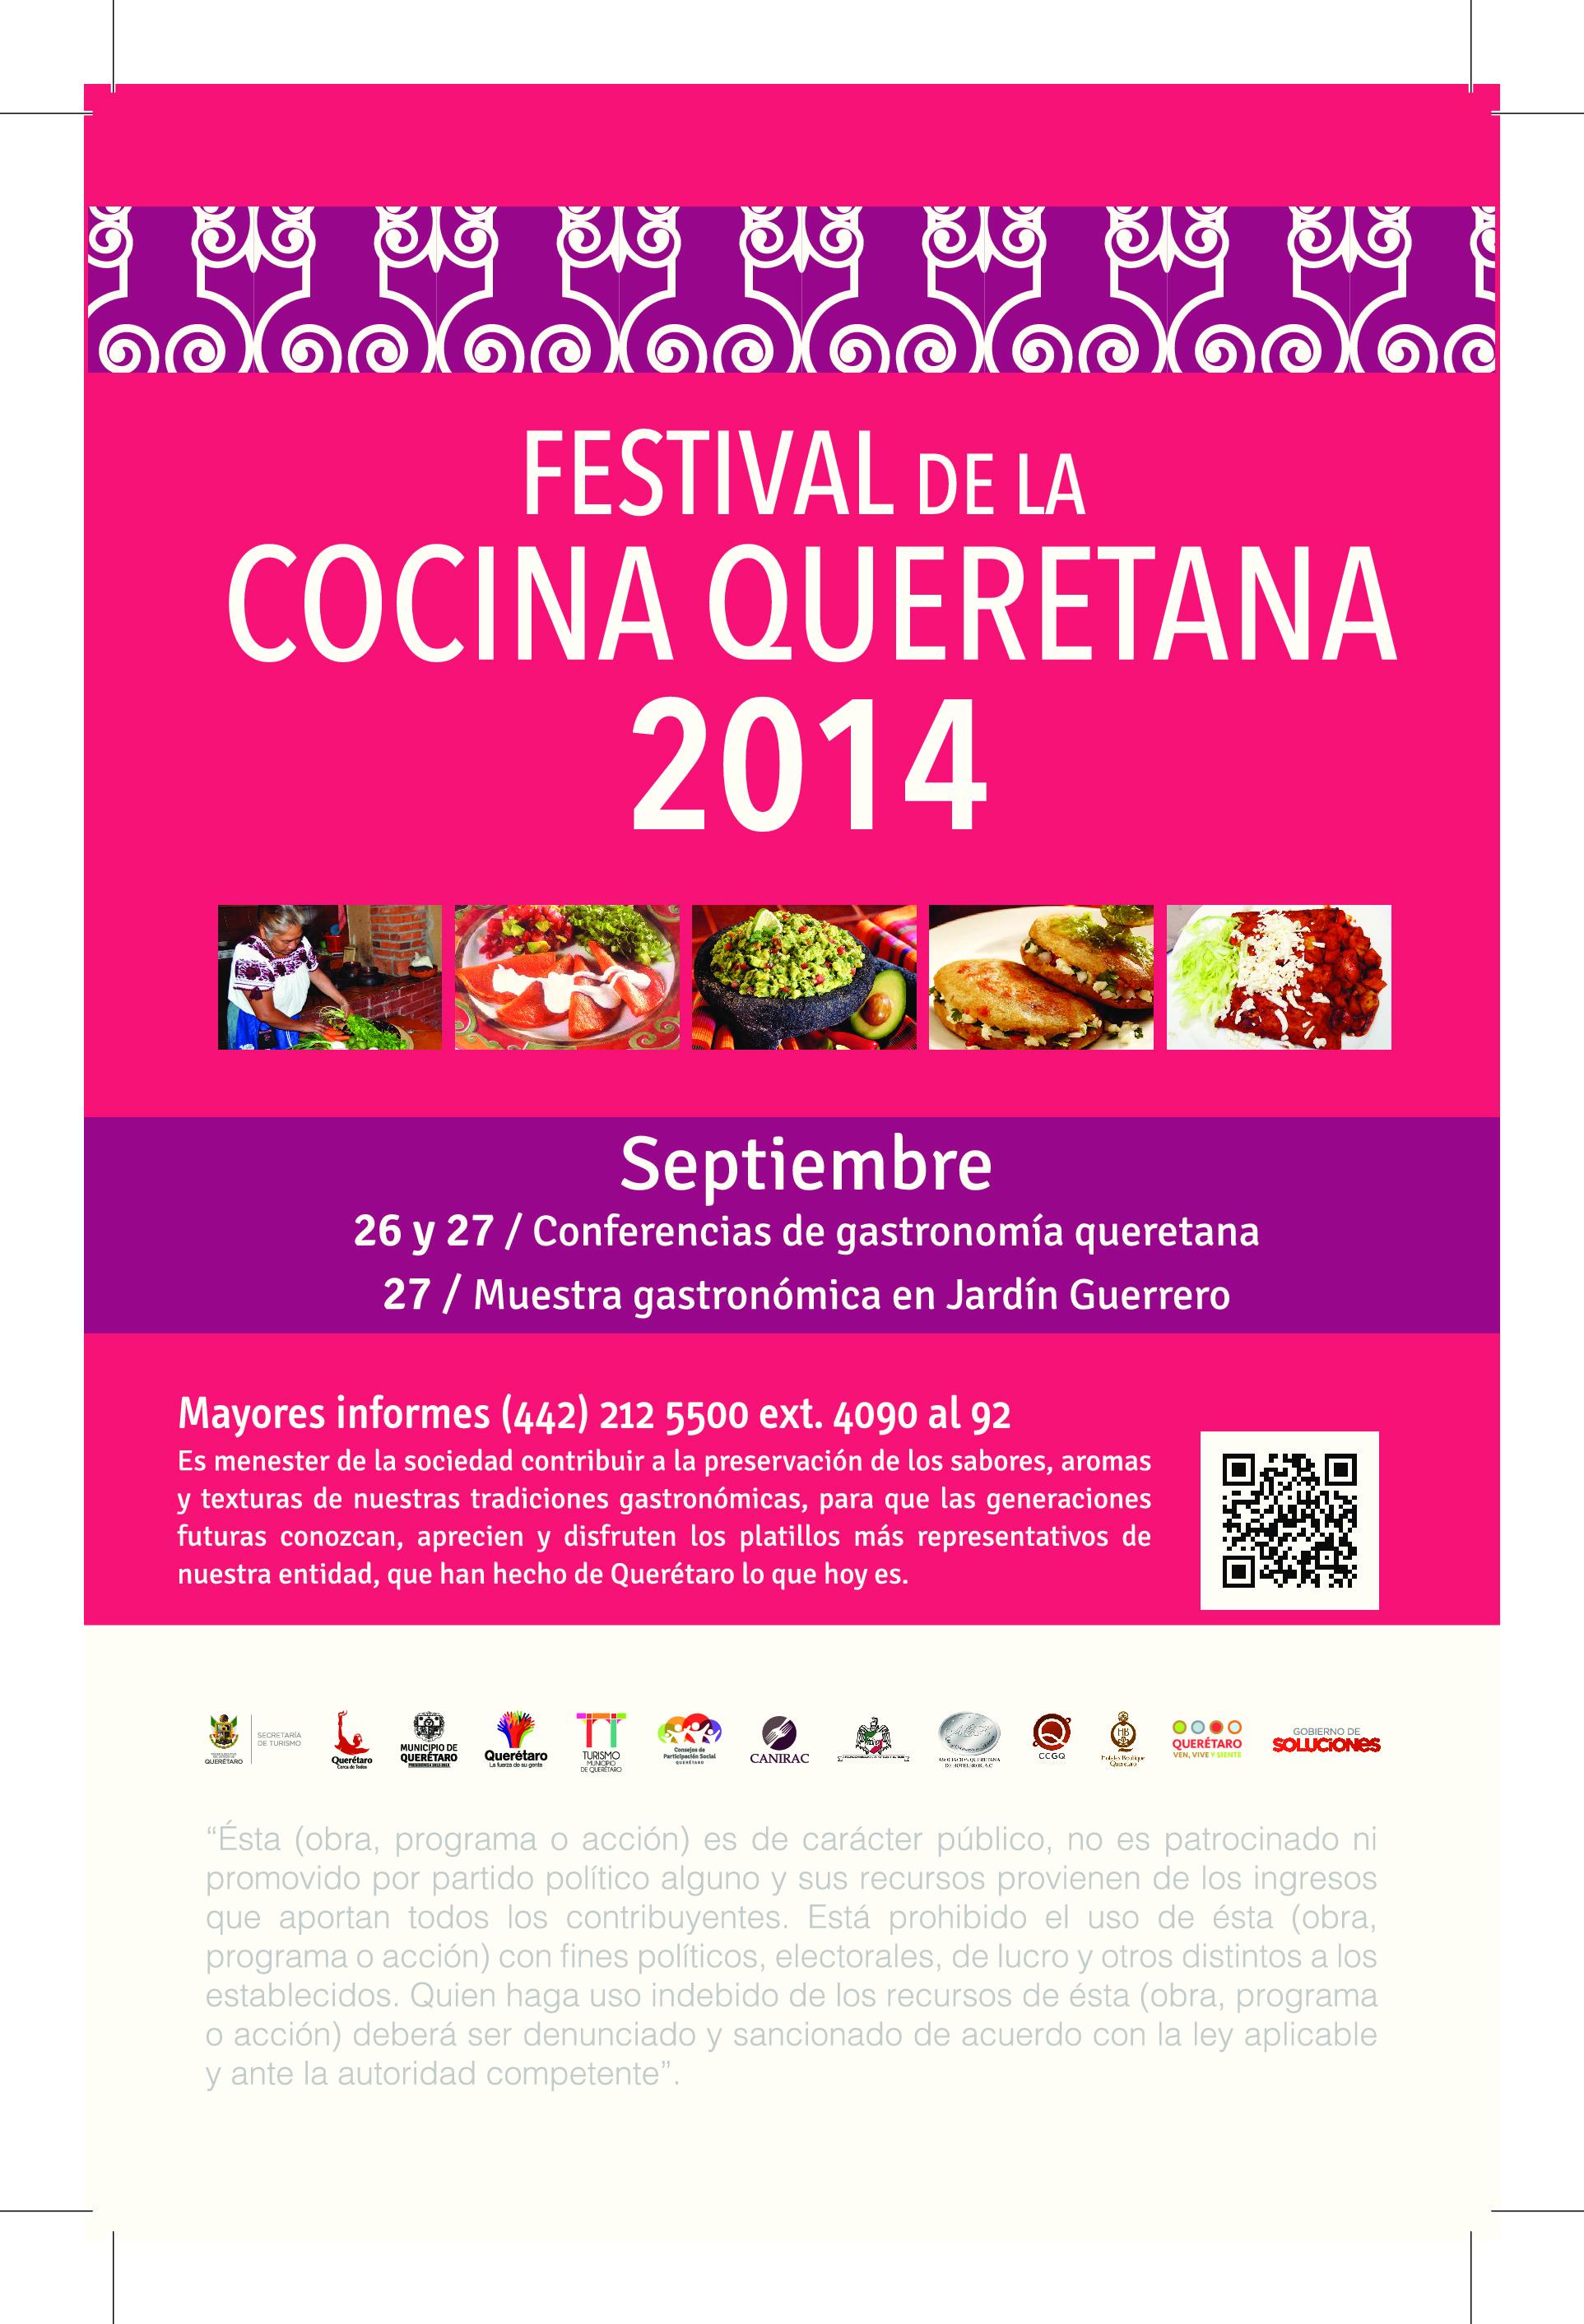 Festival de la Cocina Queretana 2014